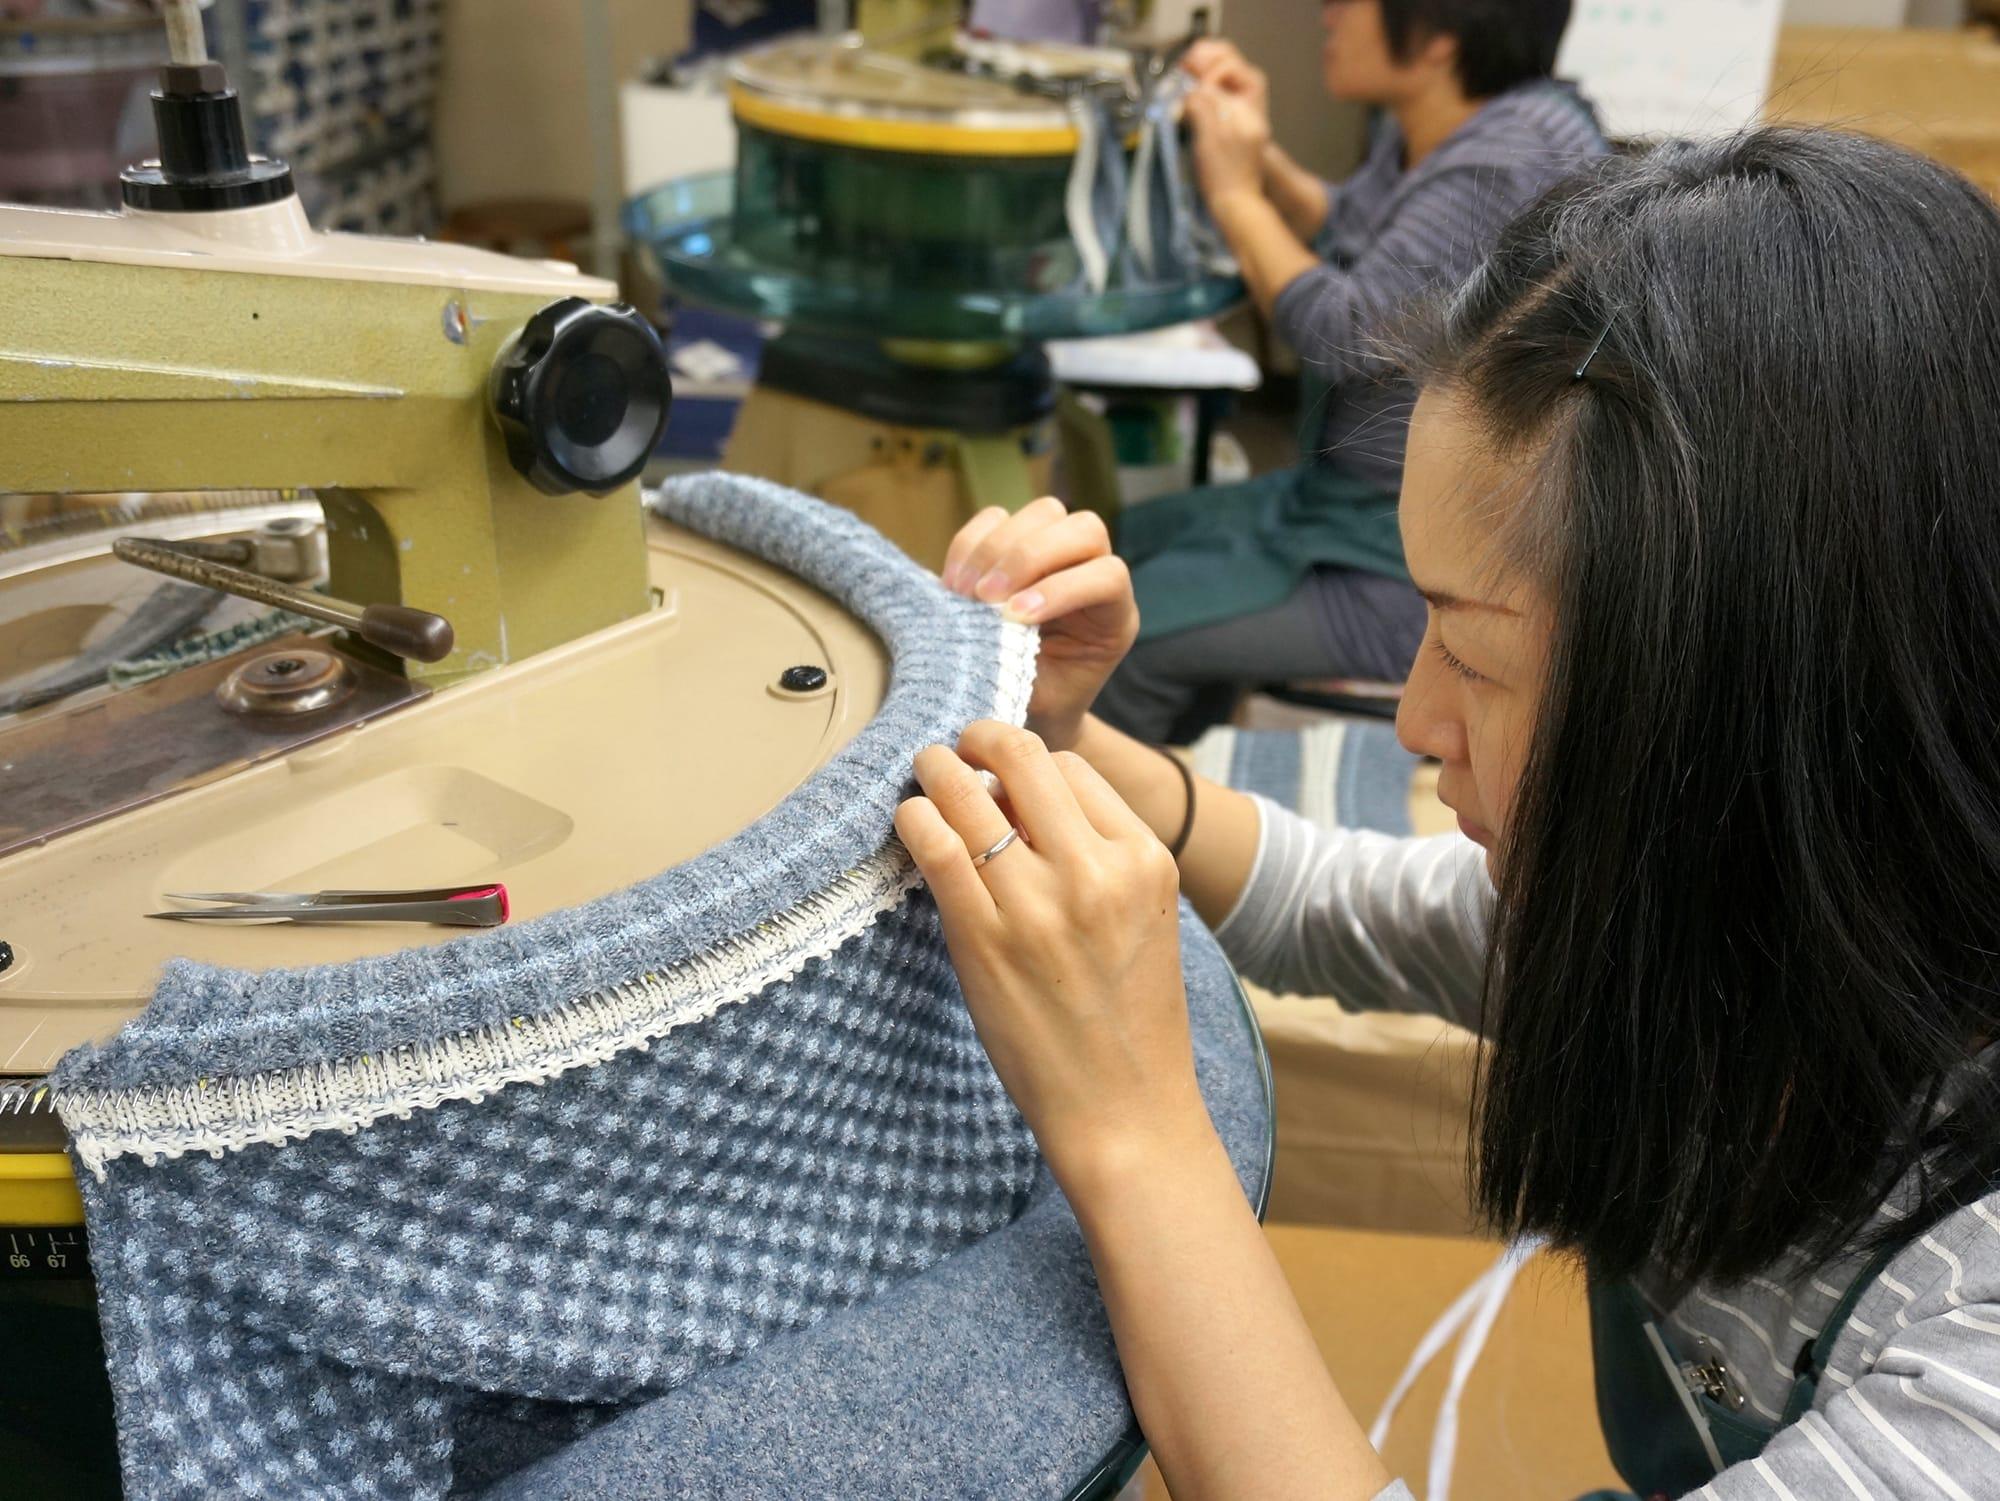 リンキングと呼ばれる、ニットの編み目を一目ずつ、針に通して縫い上げていく作業。